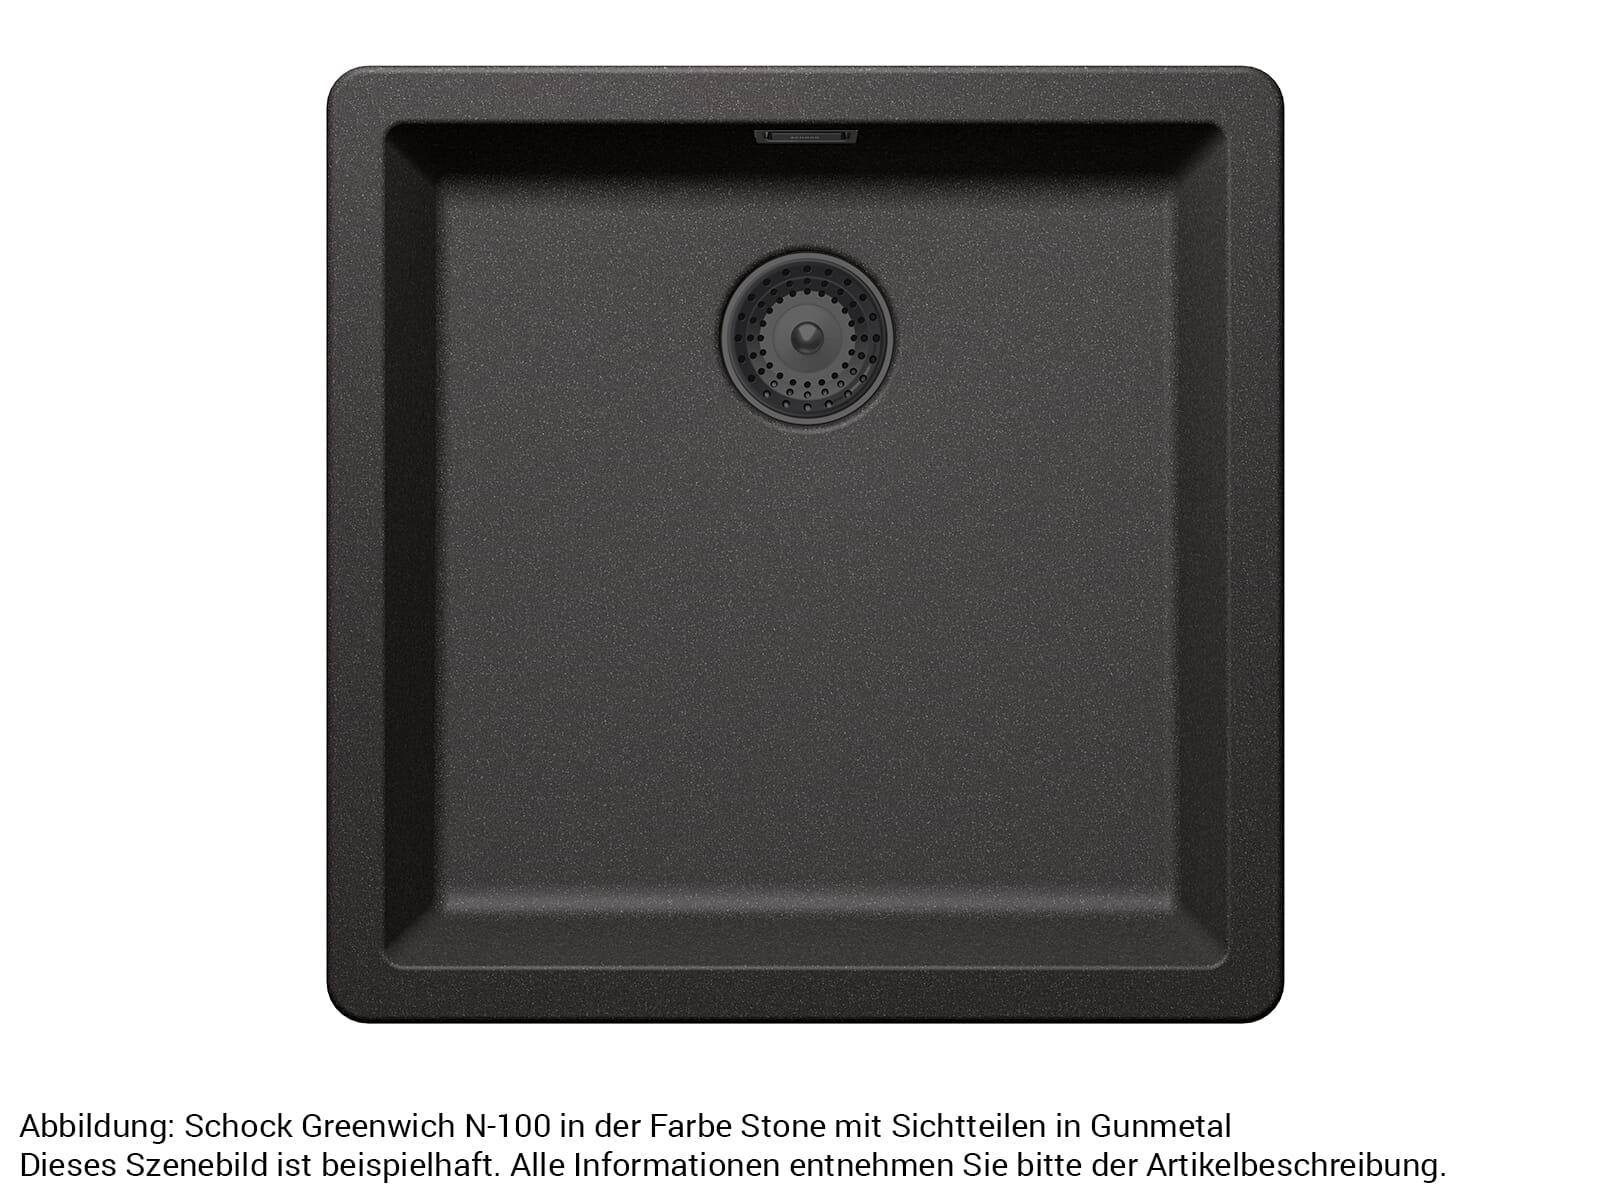 Schock 629392GUM - Sichtteile Gunmetal